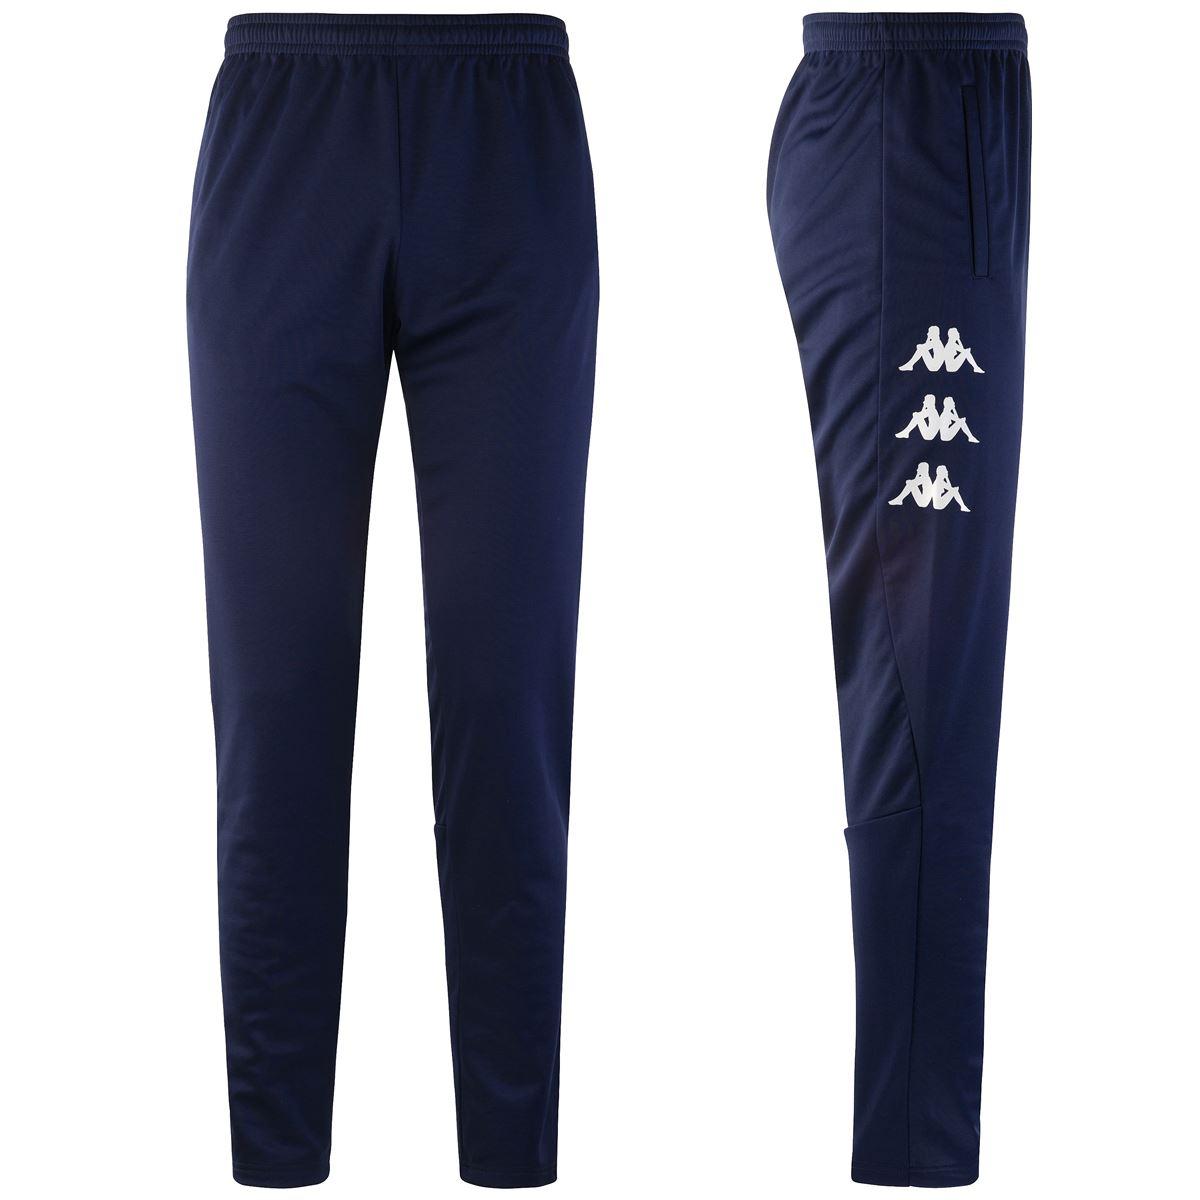 Pantaloni sportivi KAPPA BIGIL